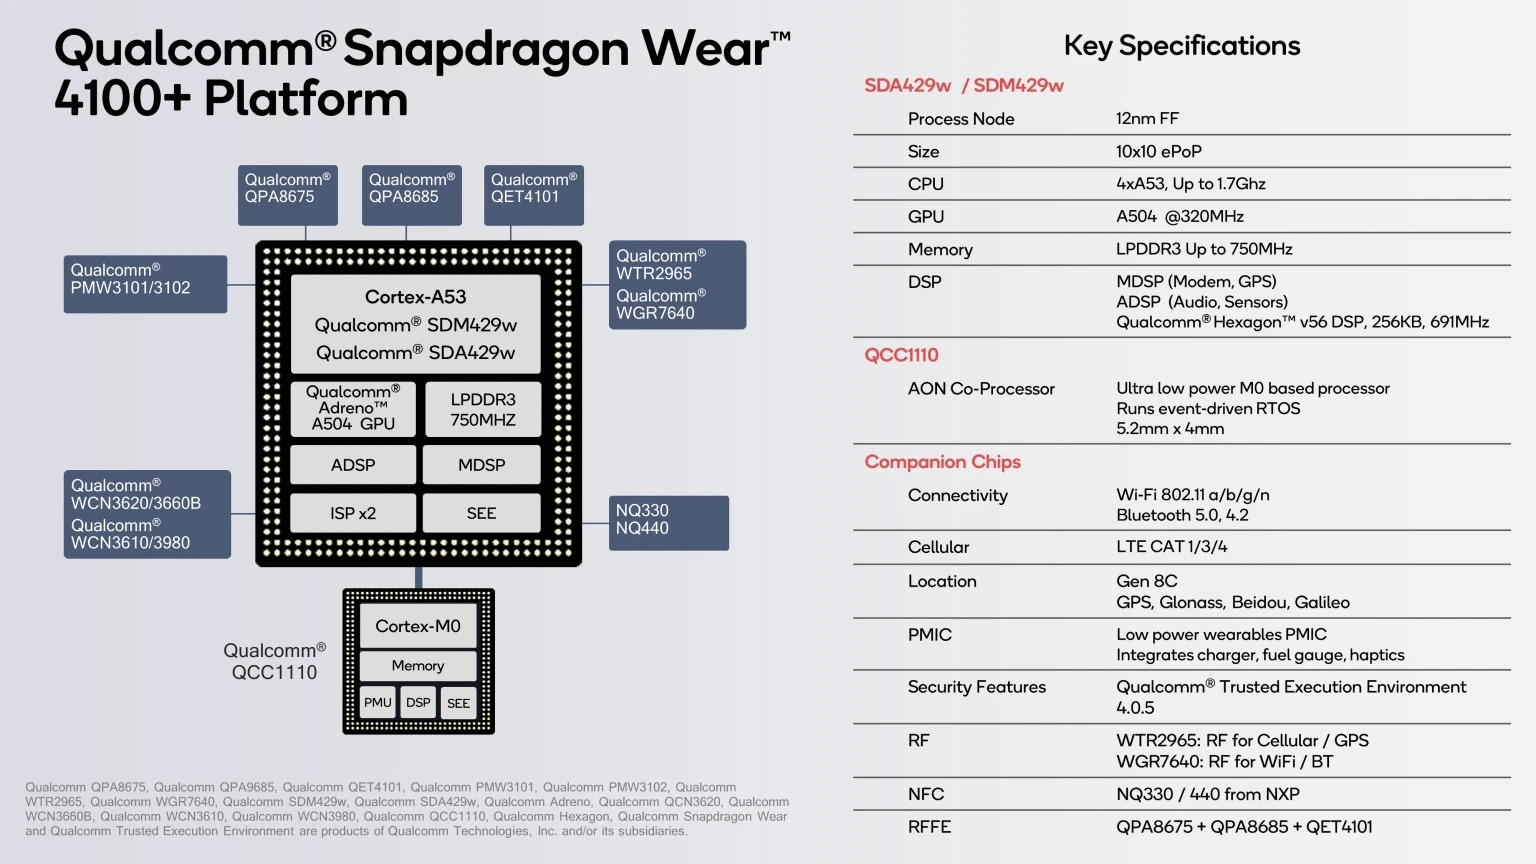 Nowa nadzieja dla smartwatchy z Wear OS. Oto procesory Snapdragon Wear 4100 18